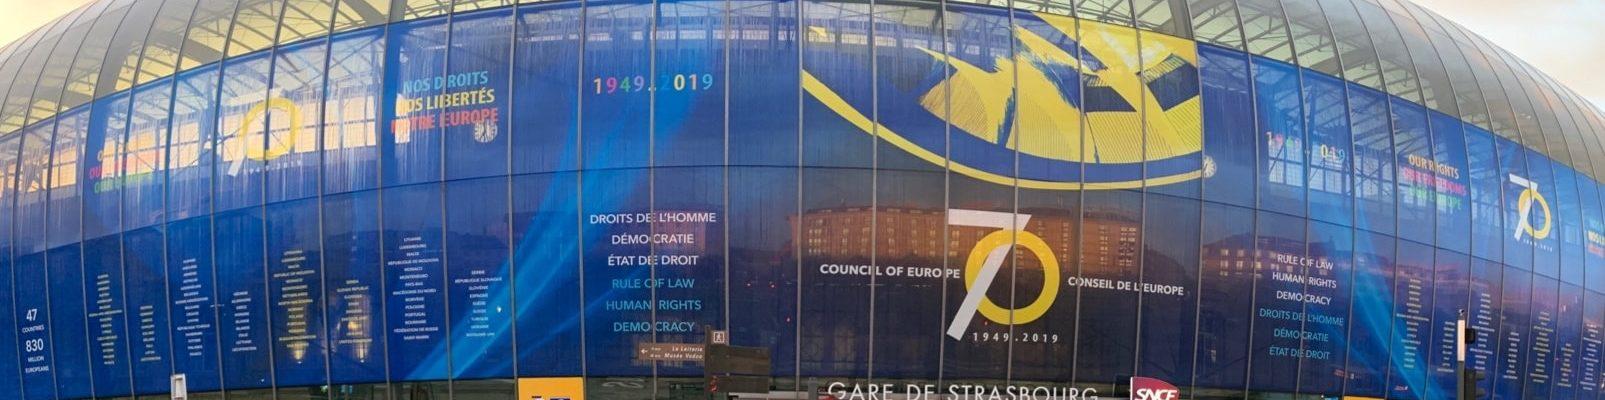 L'état de droit du Conseil de l'Europe s'arrête-t-il sur les trottoirs strasbourgeois ?